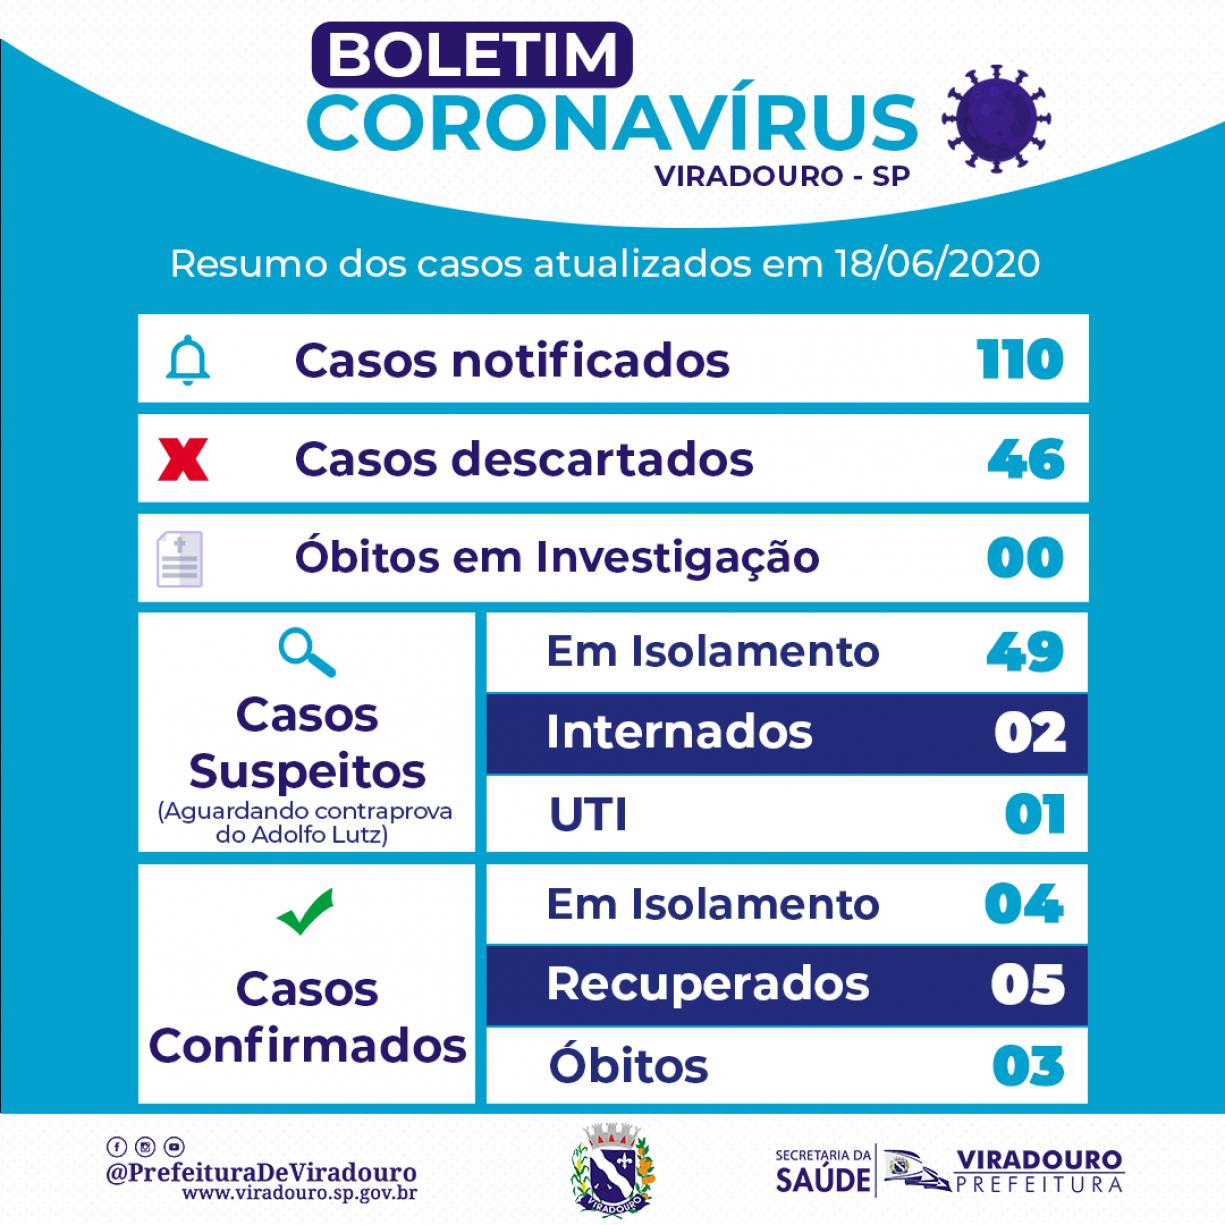 Boletim Epidemiológico Viradouro (Atualização 18/06/2020)